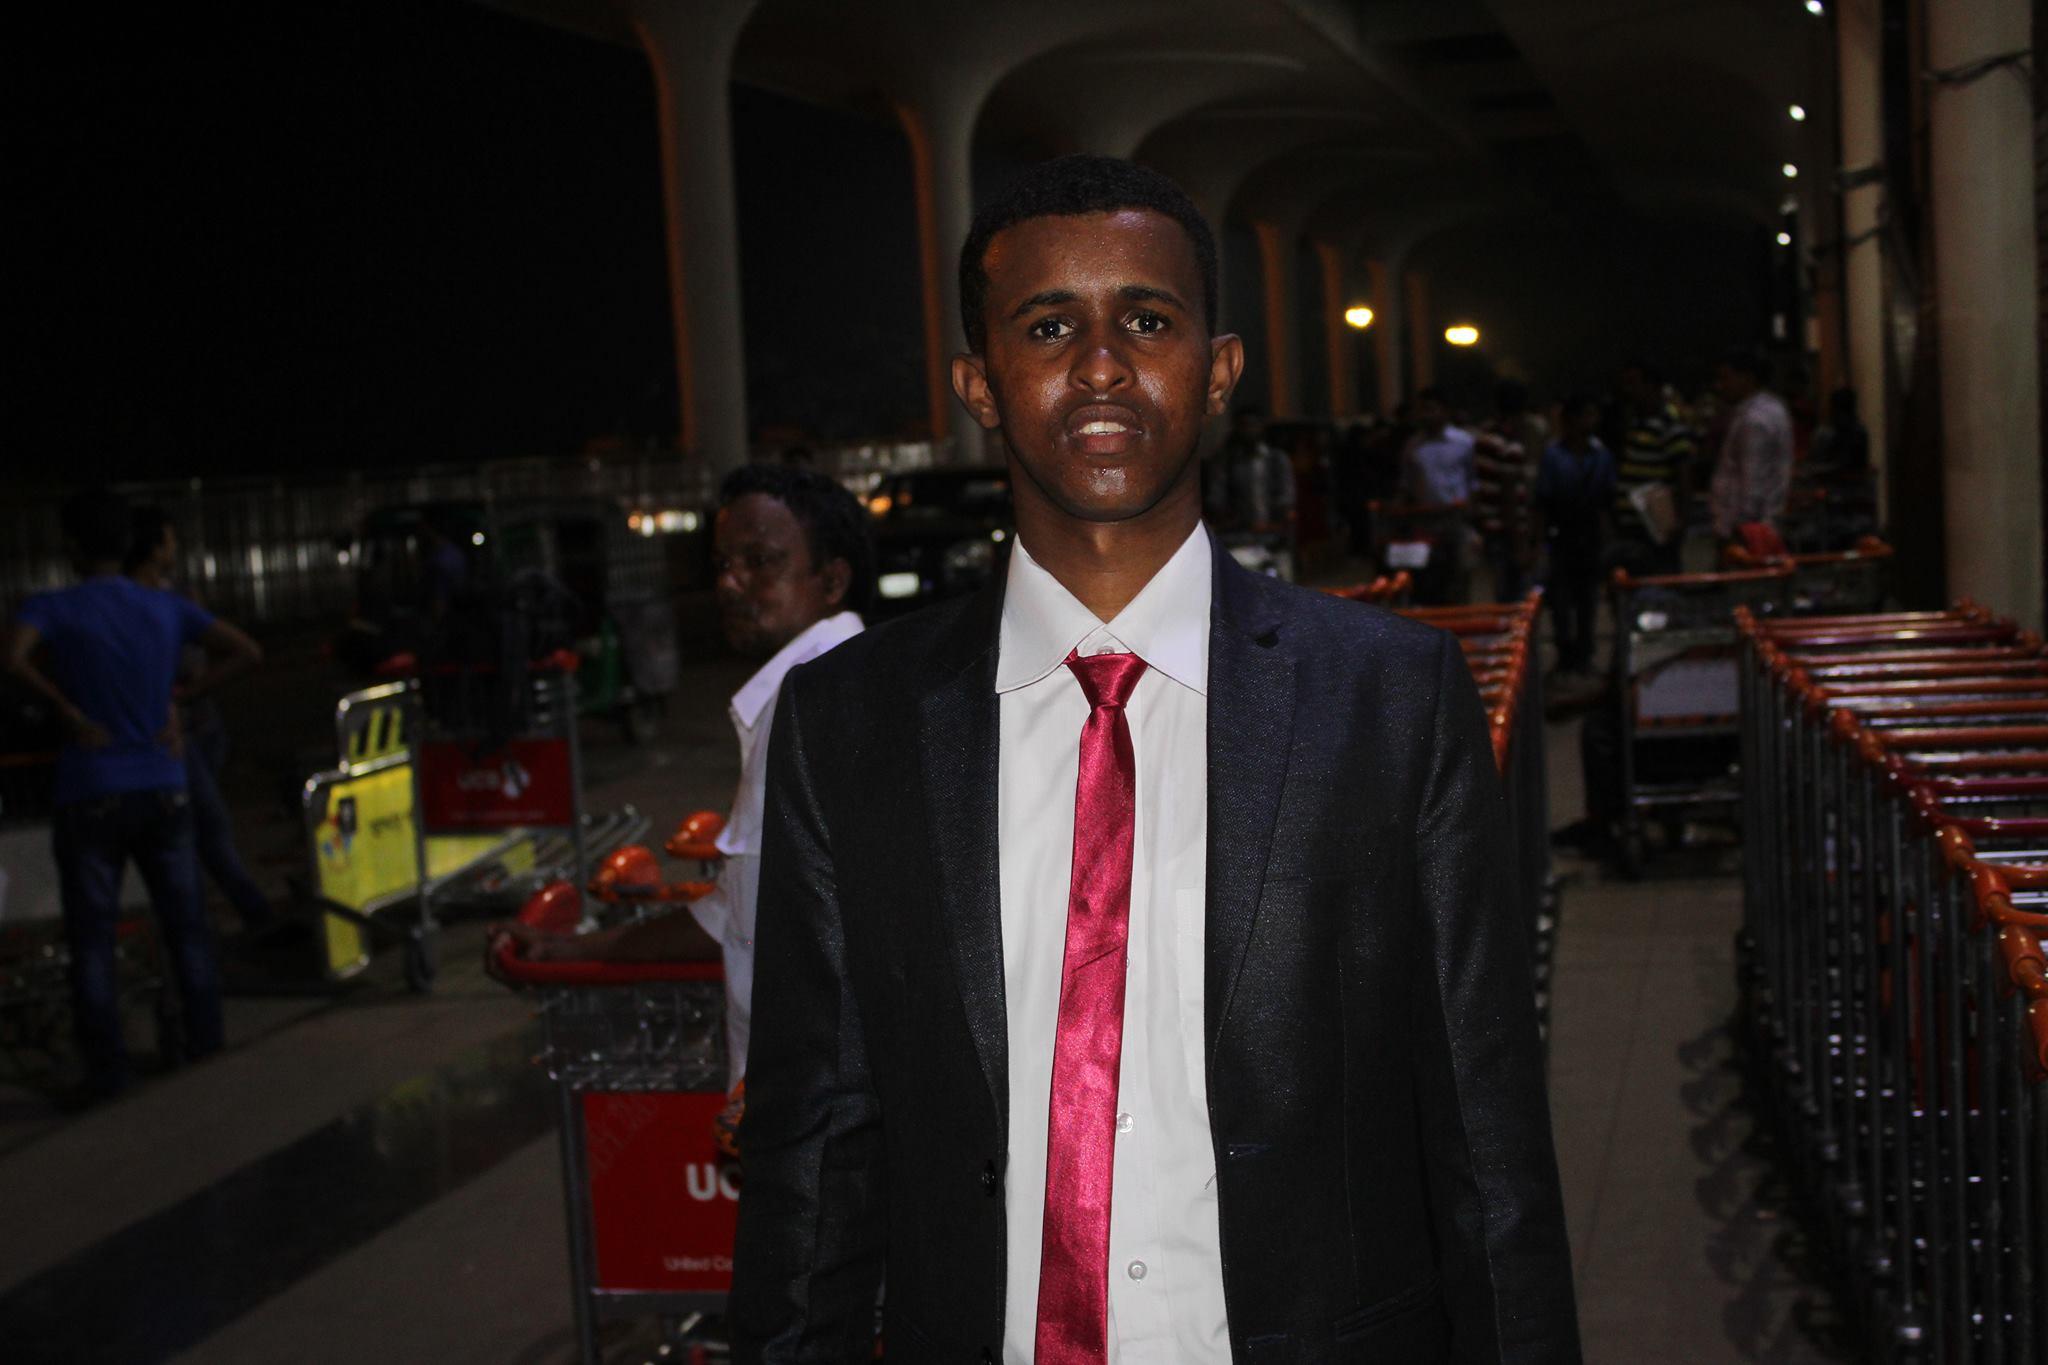 Madaxweyne Cigaal Ictiraaf Kama Horeyn Kamna Danbayn W/Q Fahad shaakir